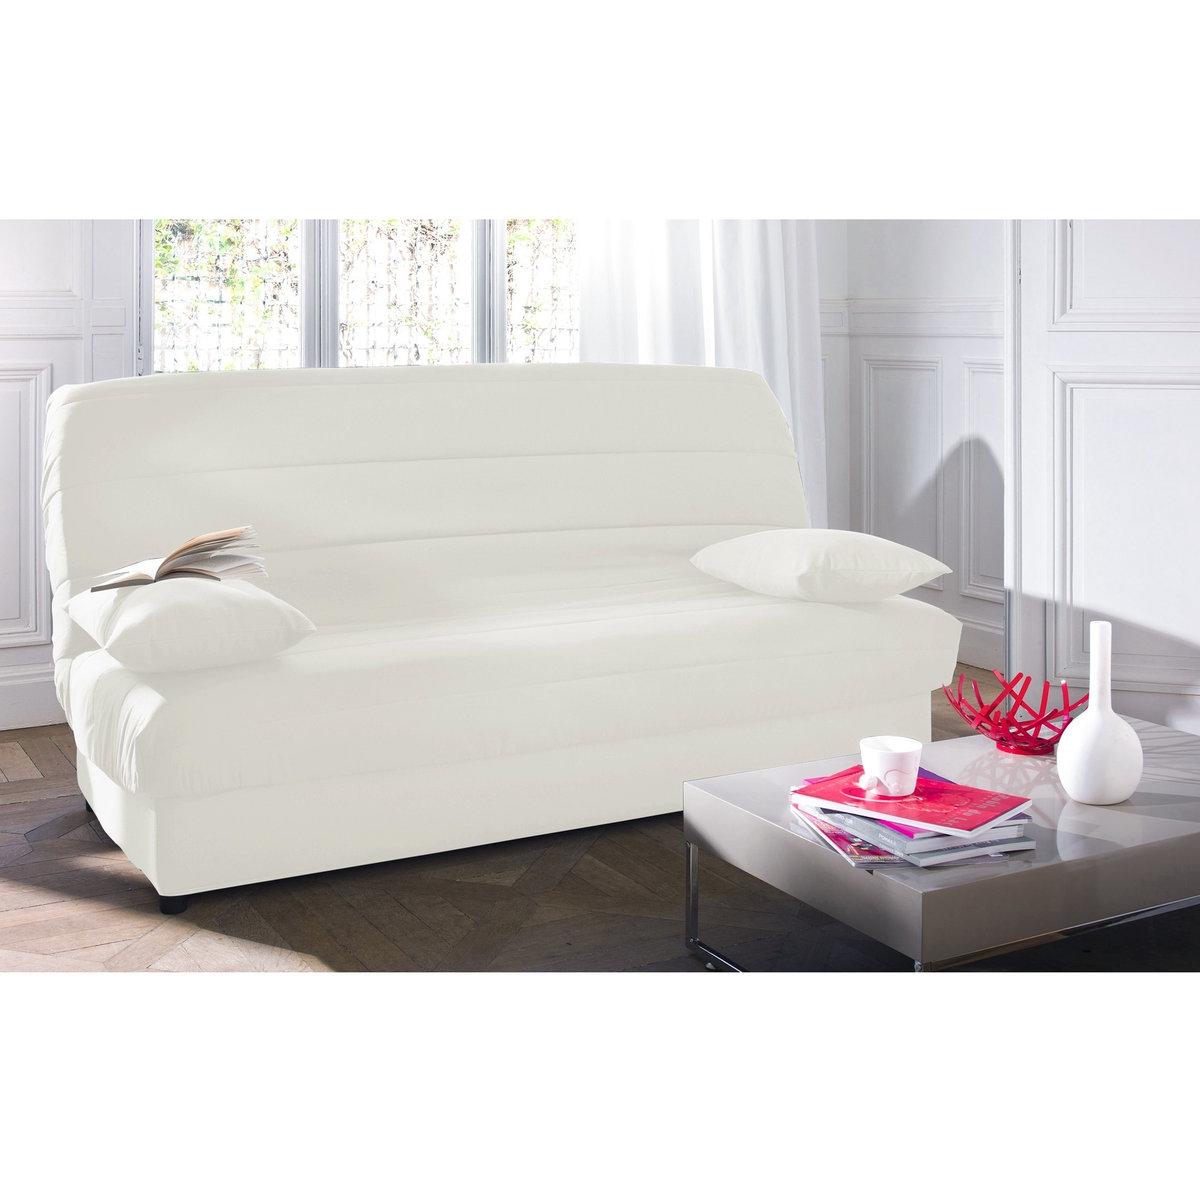 Чехол из поликоттона для основания раскладного дивана-книжки ASARET